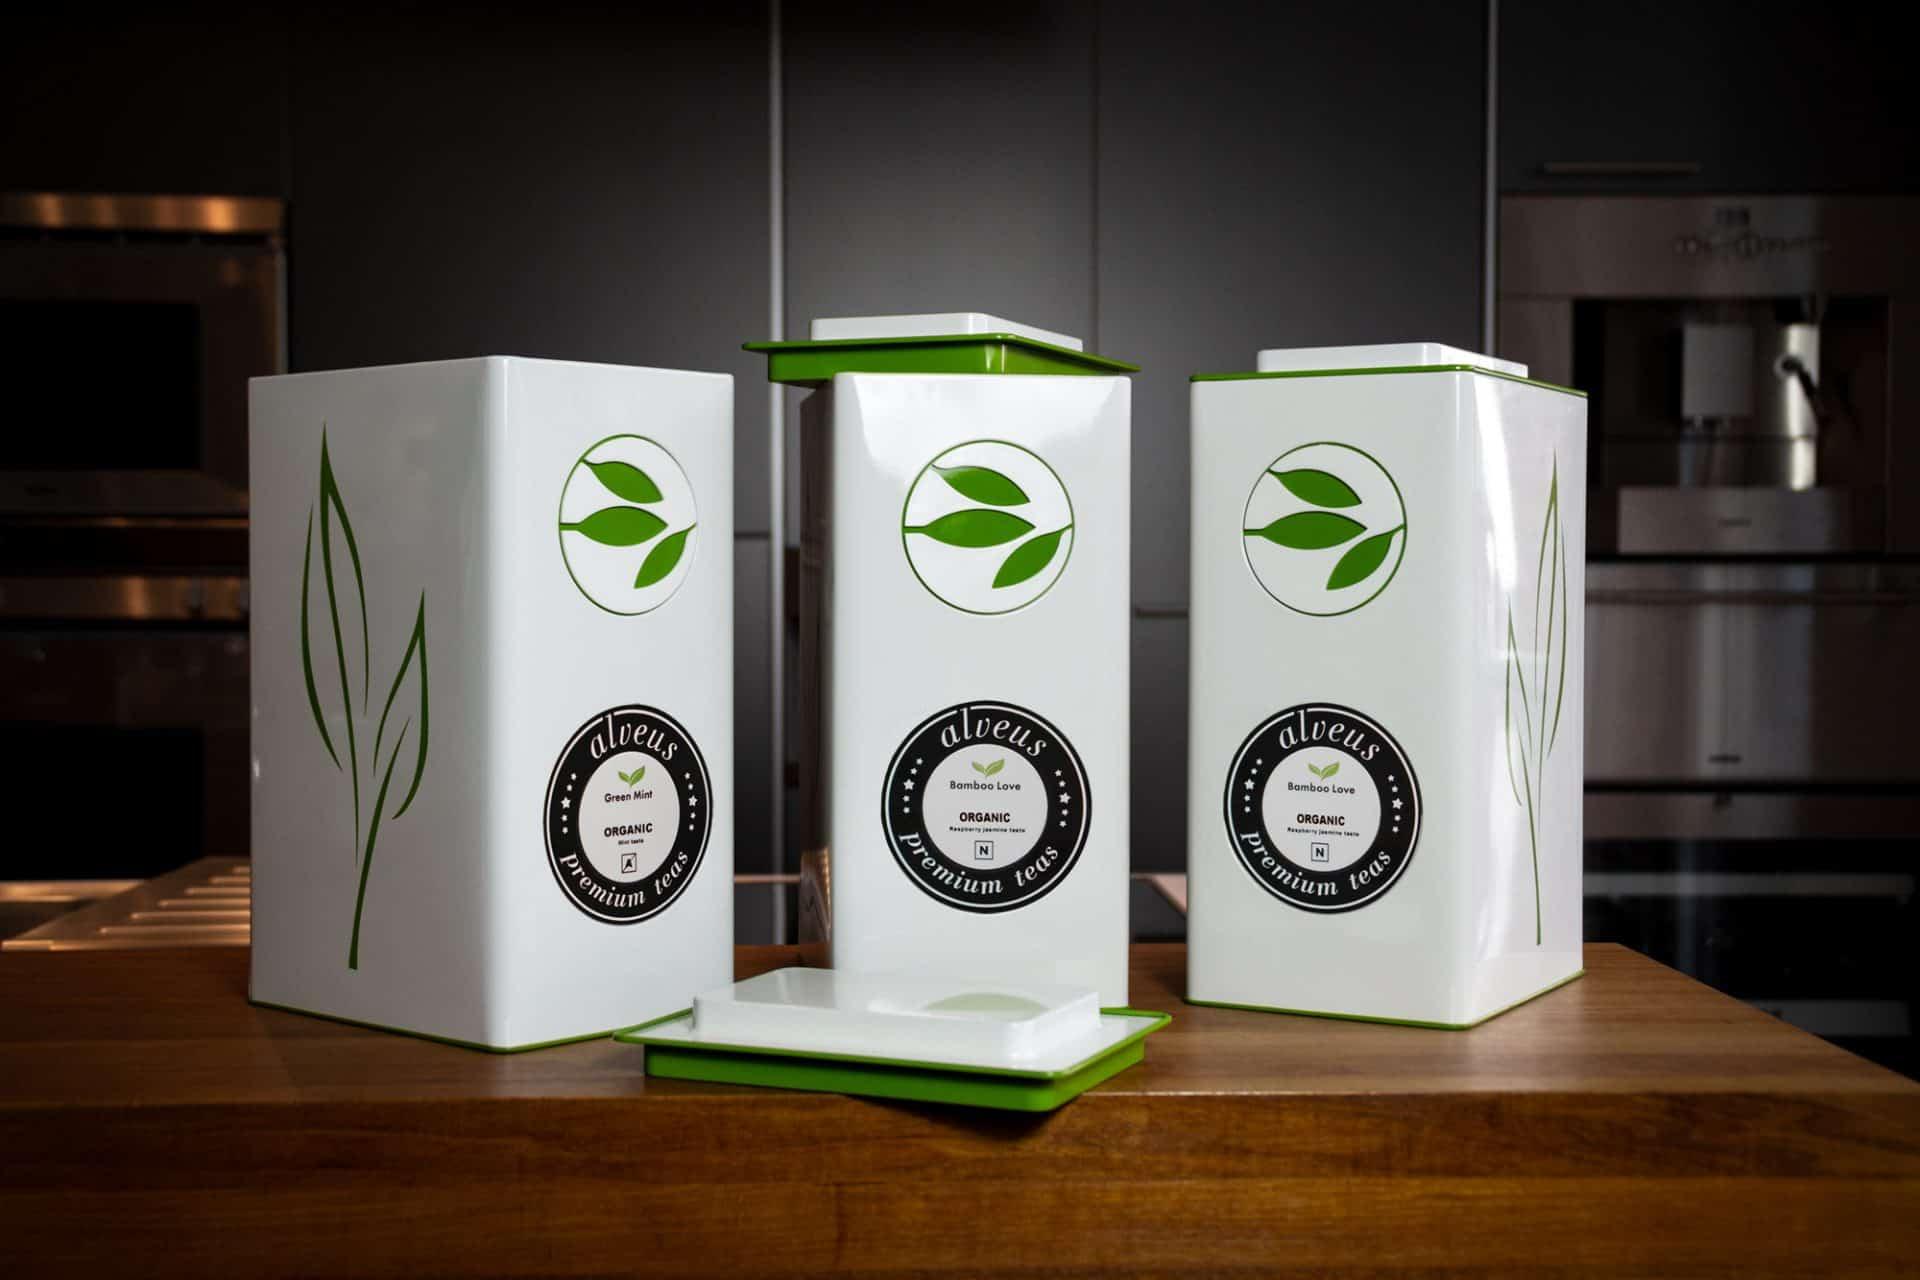 alveus premium-teas Tea-Caddy Teedose für 1 Kilo losen Tee mit Aroma-Schutz Etiketten-Lasche und individuellem runden Magnet-Etikett und Logo Relief als markantes Elementmit grünen Akzenten für alveus Tea-Stores weltweit designed und als Serienprodukt entwickelt von Lange Architekten